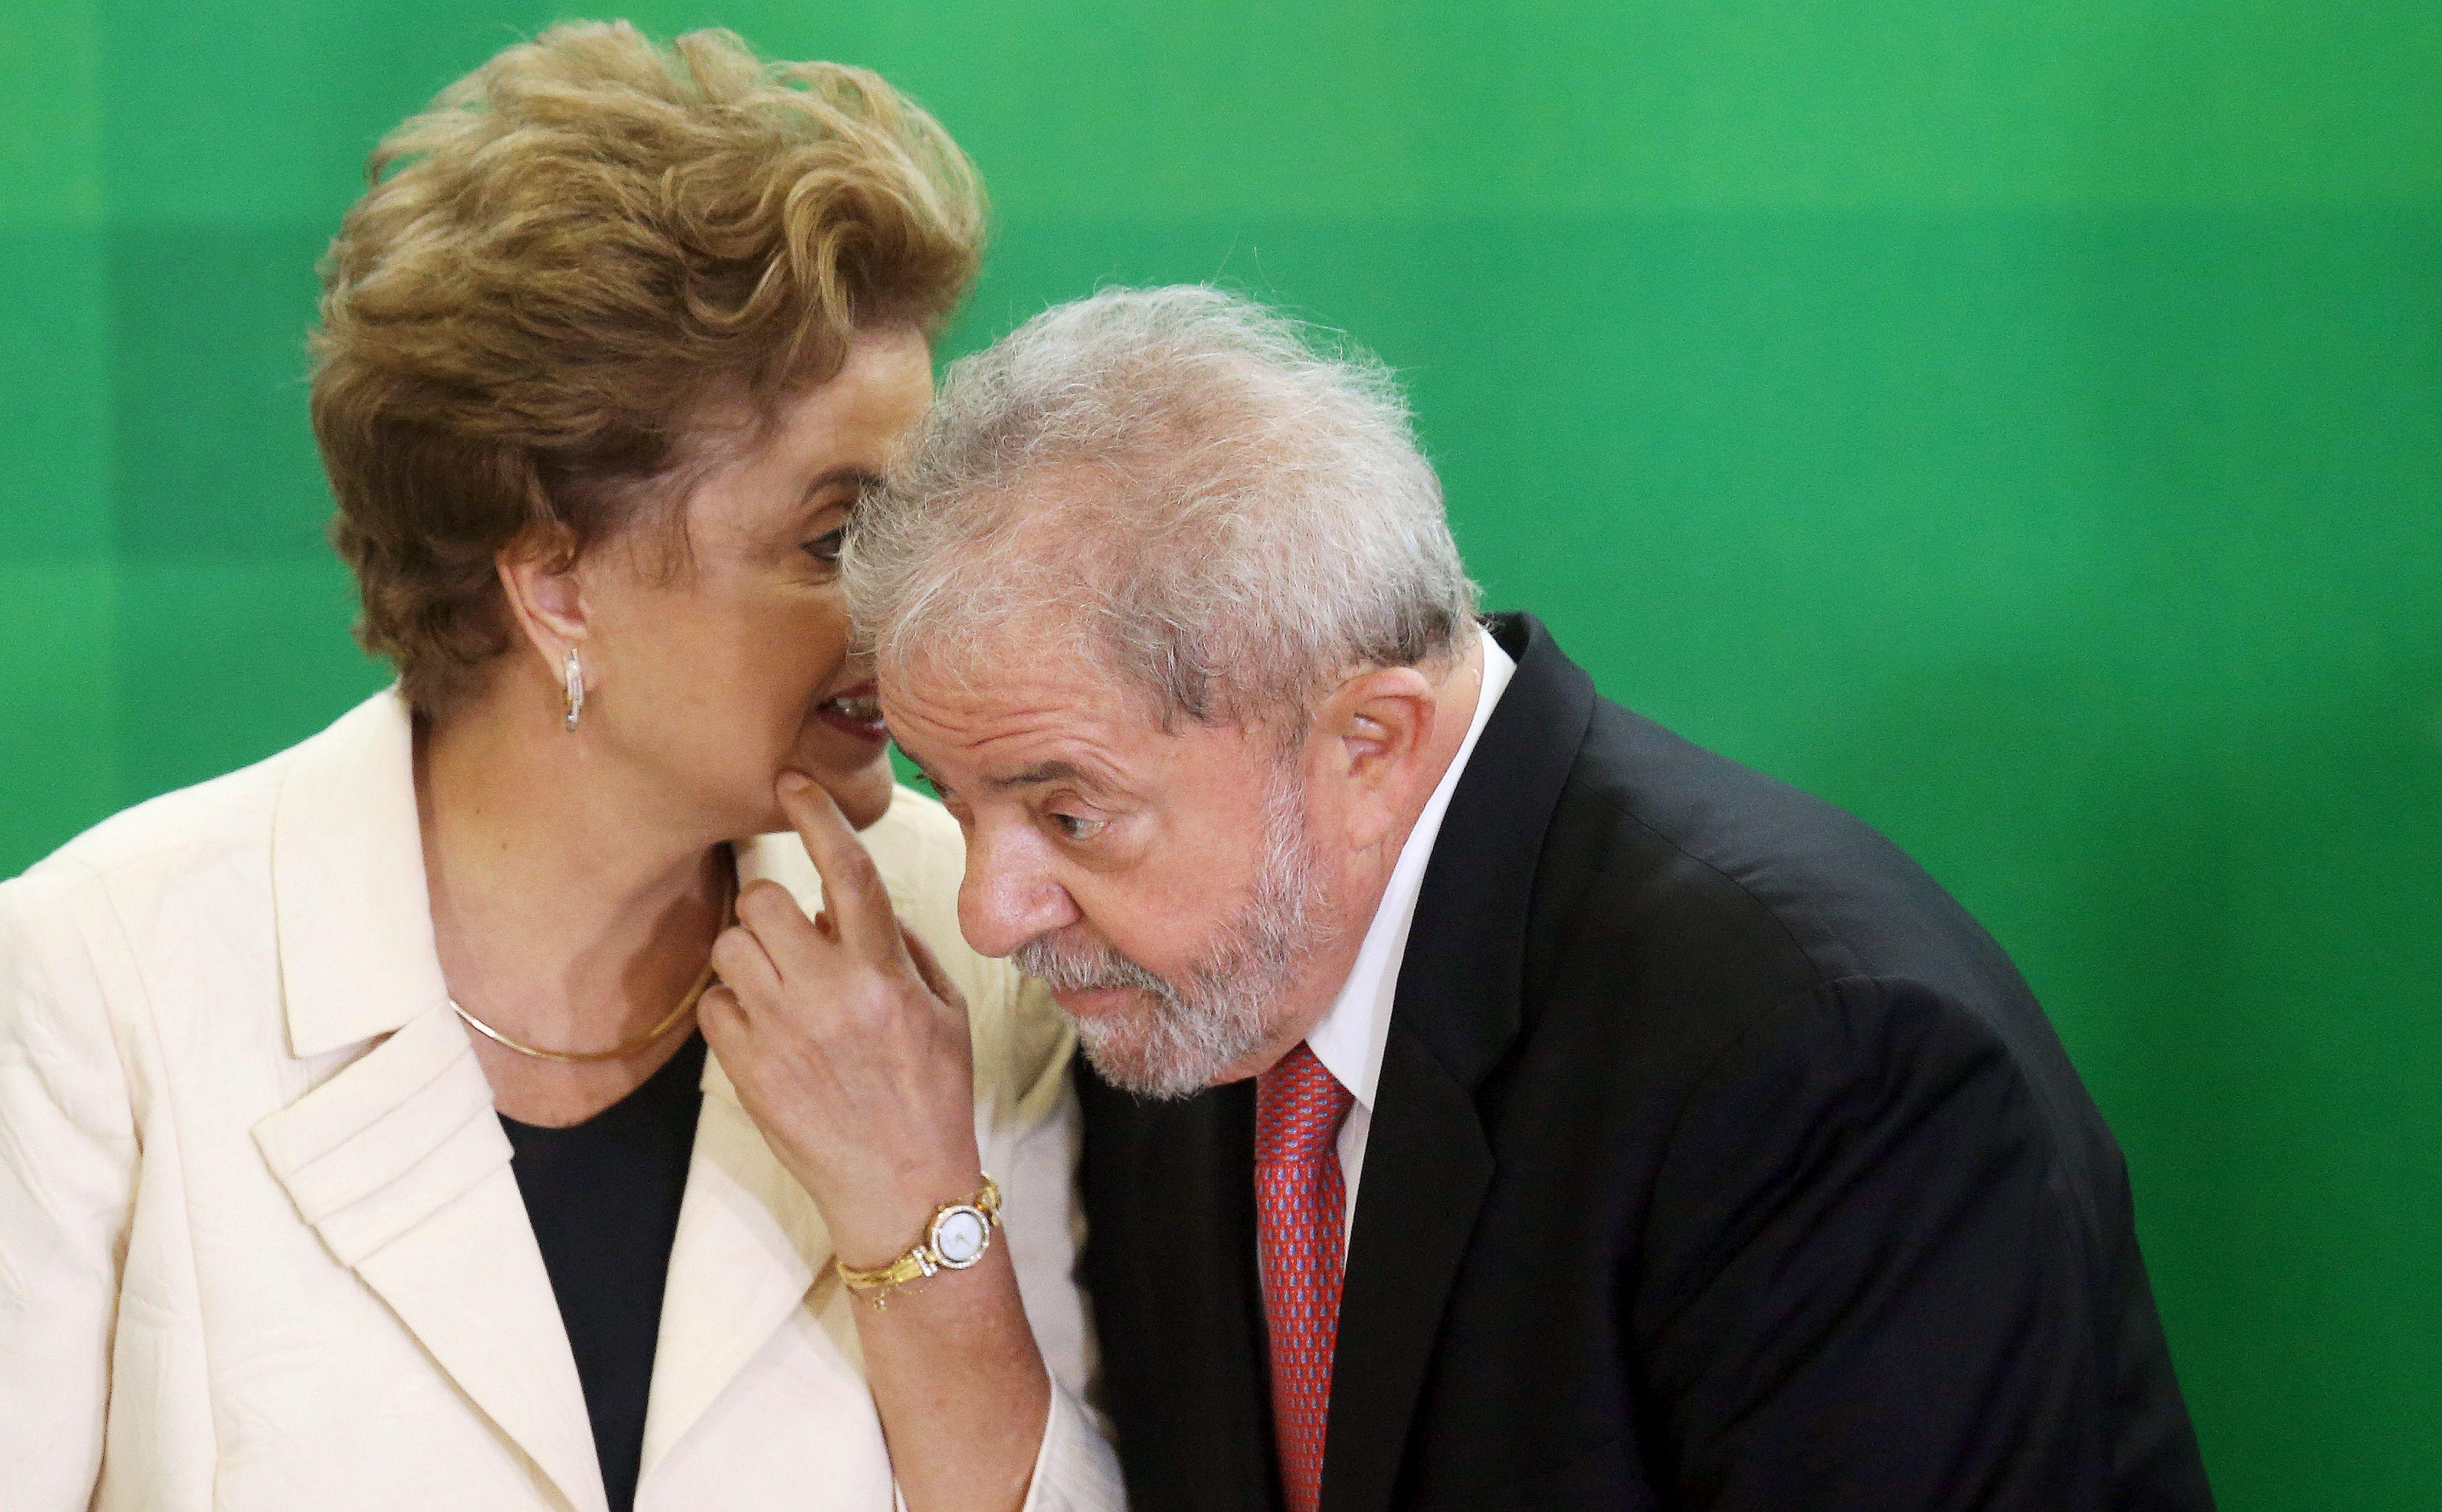 L'ancien président du Brésil Lula ira en prison